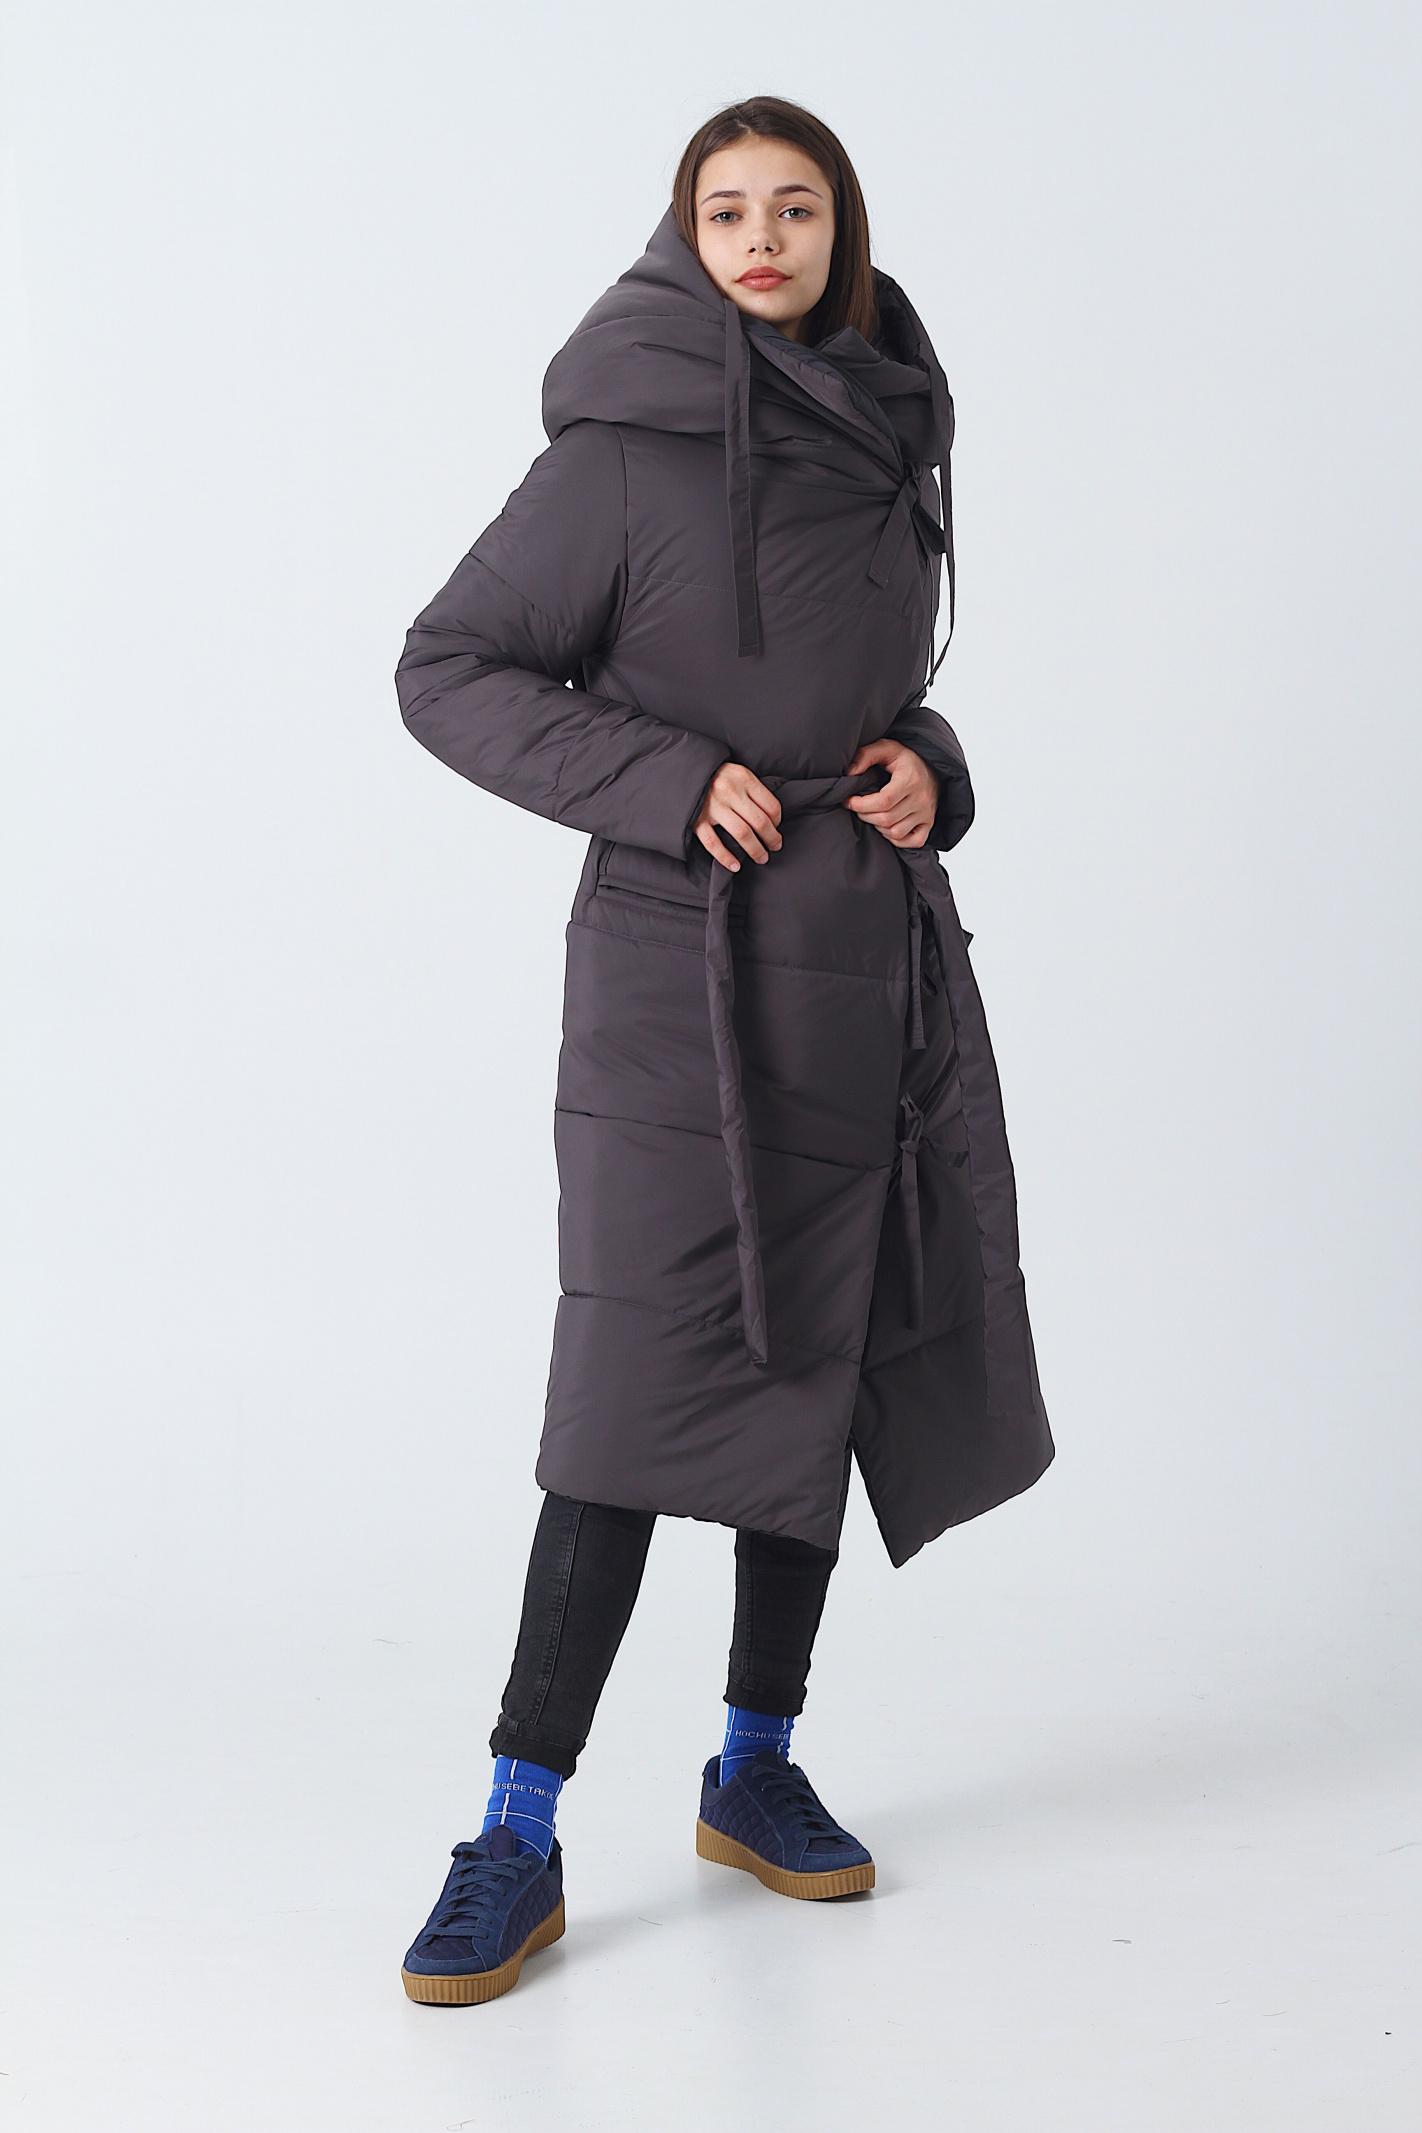 Пальто женские Hochusebetakoe модель WC0610-032 , 2017